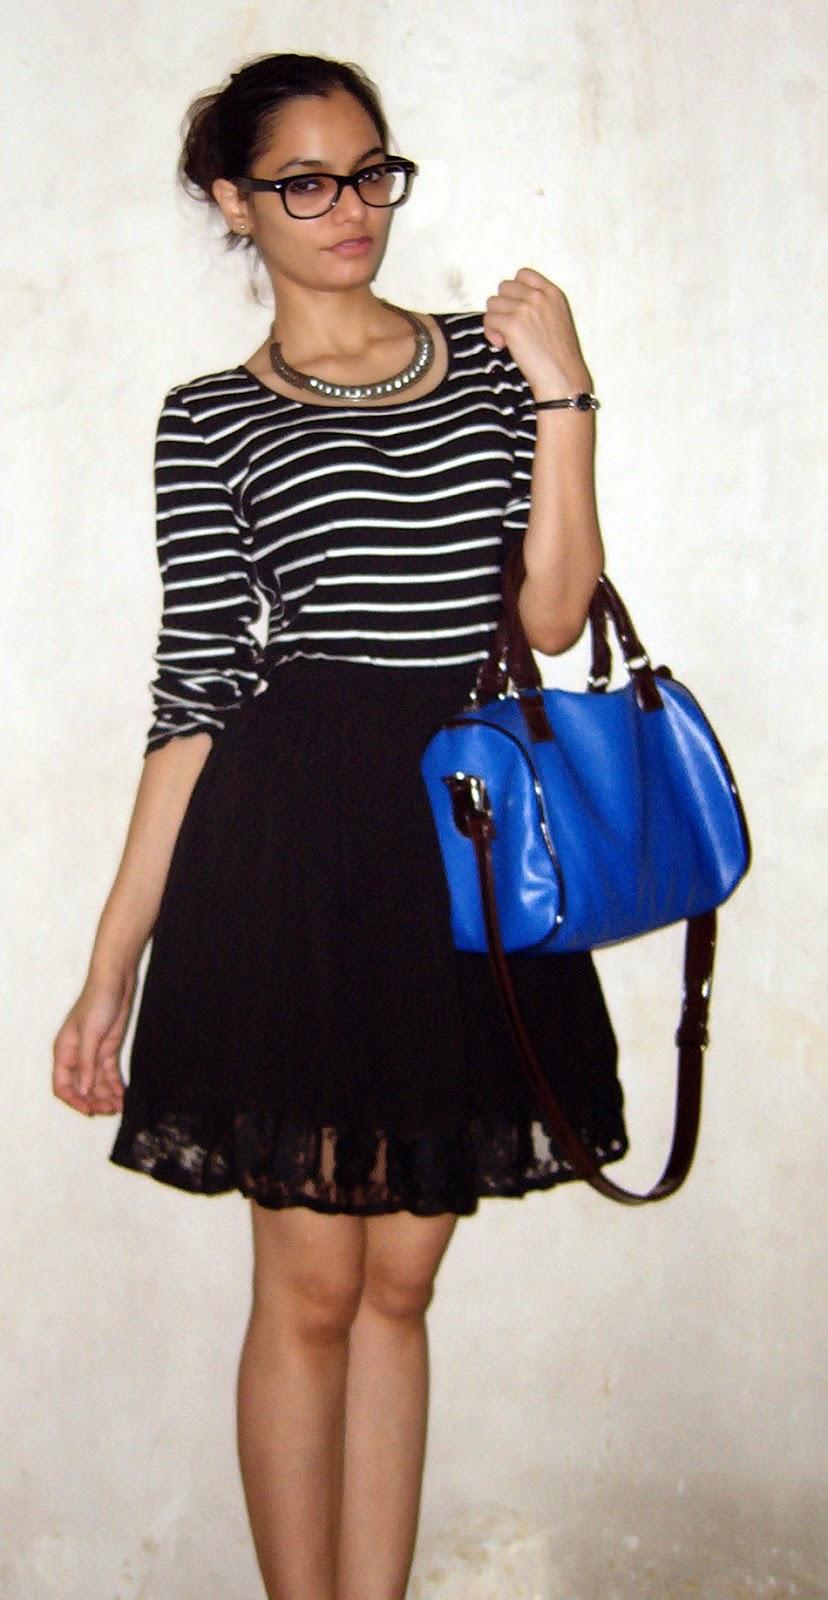 monochrome, geek chic, glasses, jabong shopping review, online shopping, stripes, indian fashion blogger, mumbai streetstyle, lenskart glasses, skater skirt, mumbai fashion blogger